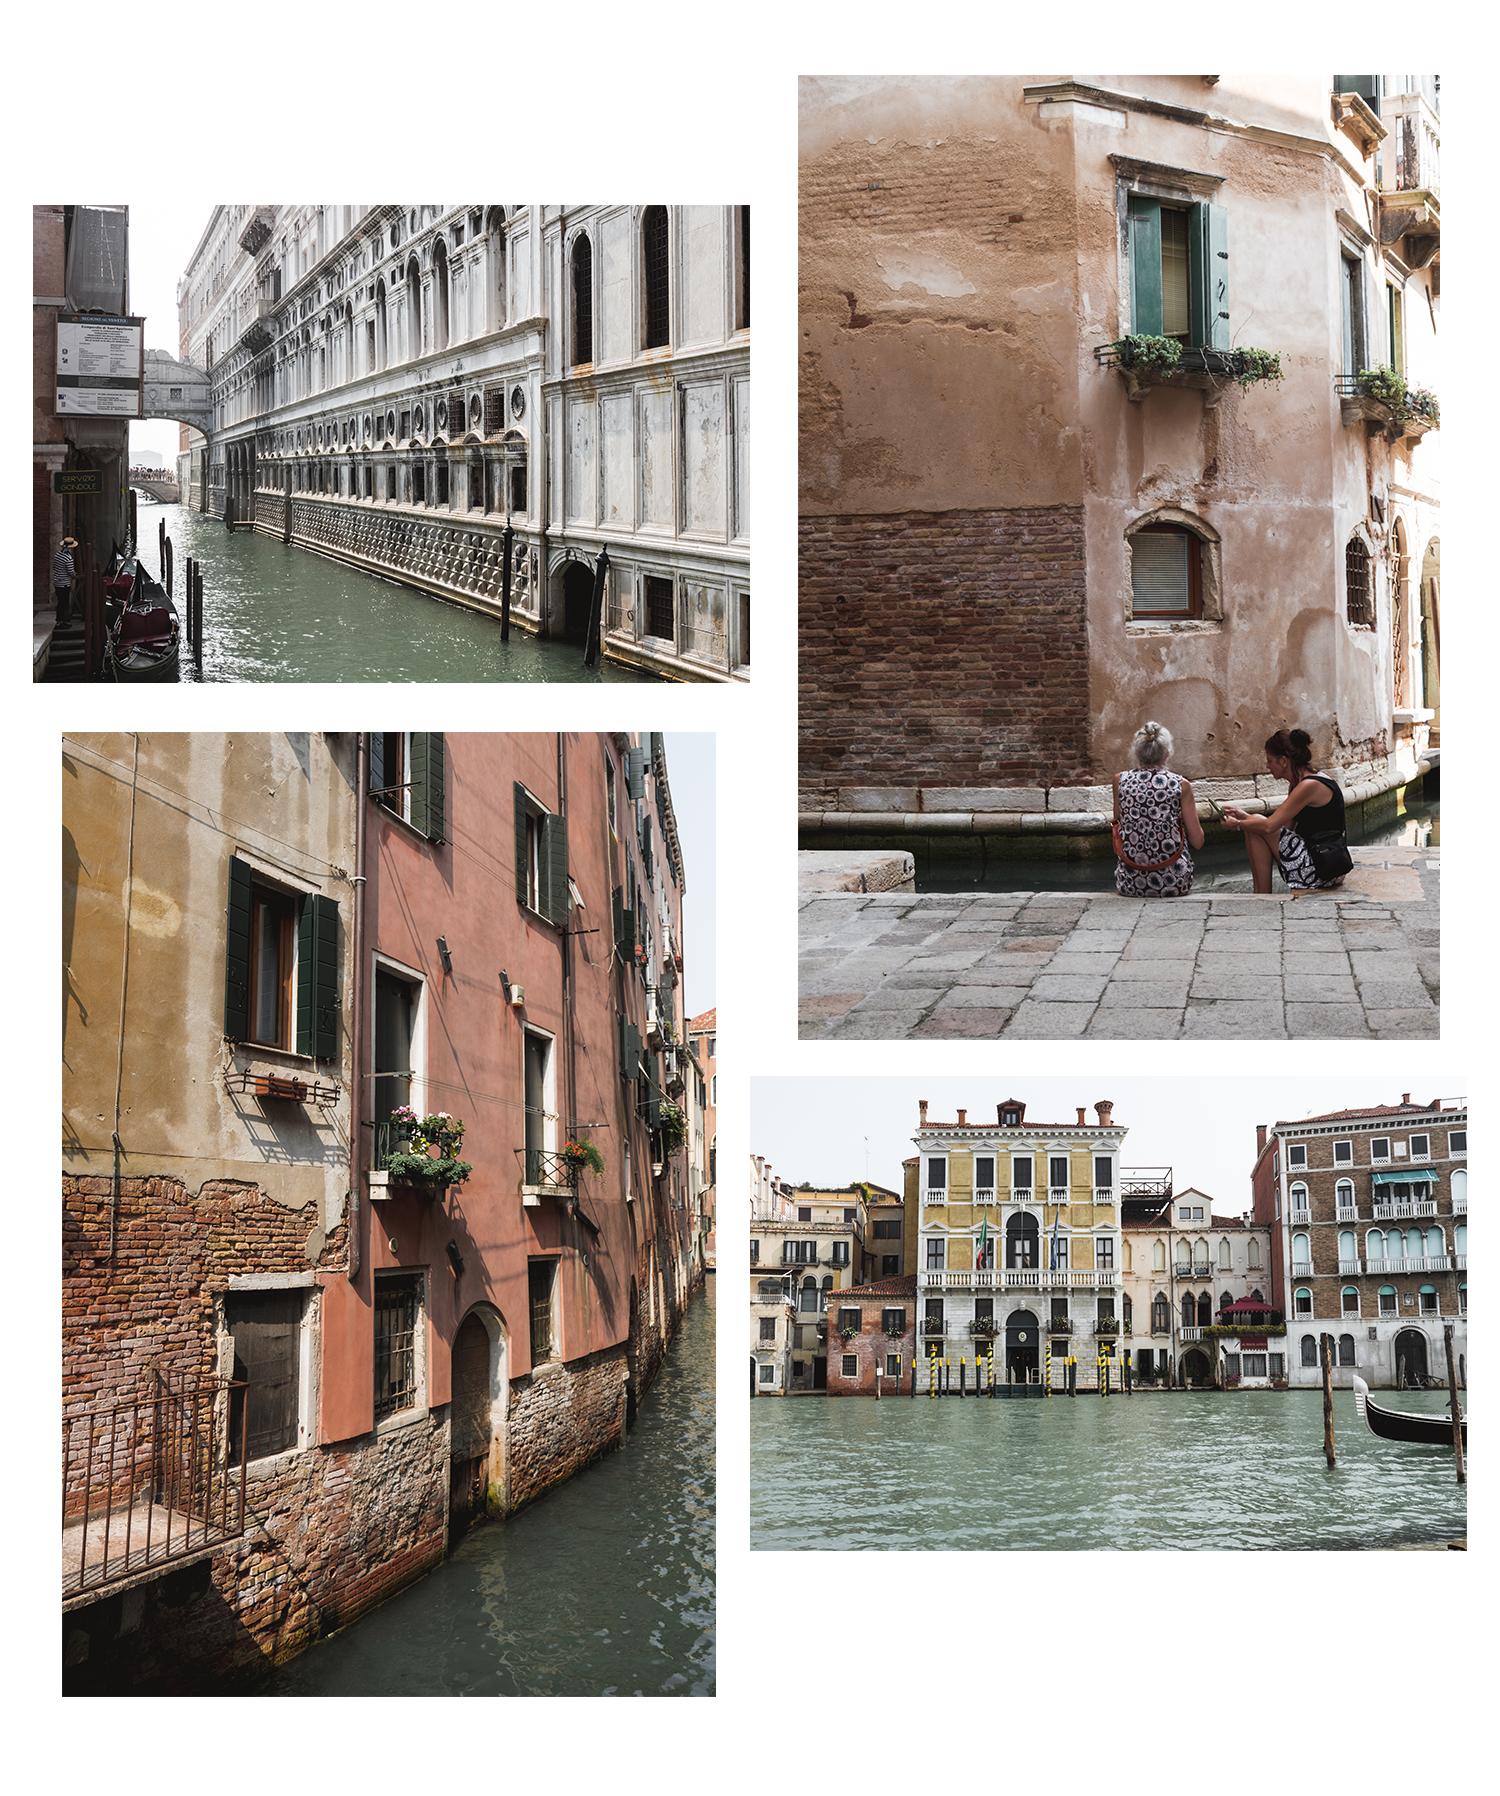 Une journee a Venise -Ruelles